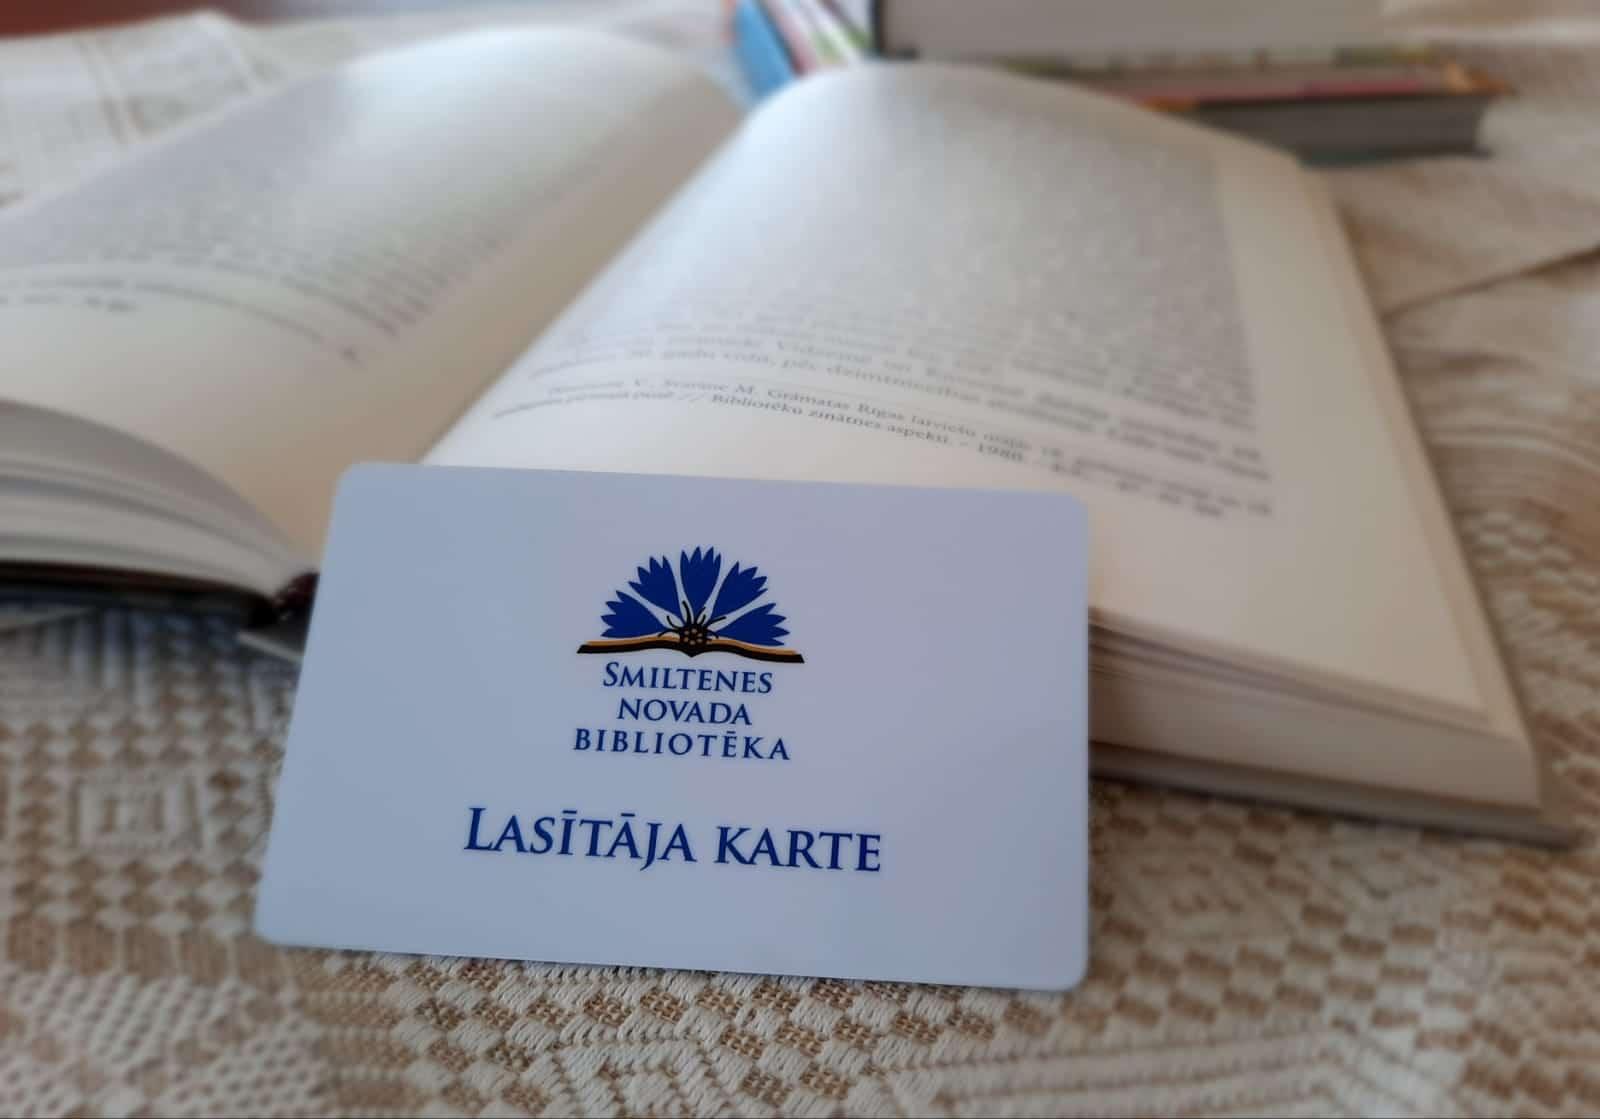 Bibliotēkas uzsāk pāreju uz plastikāta lasītāju kartēm